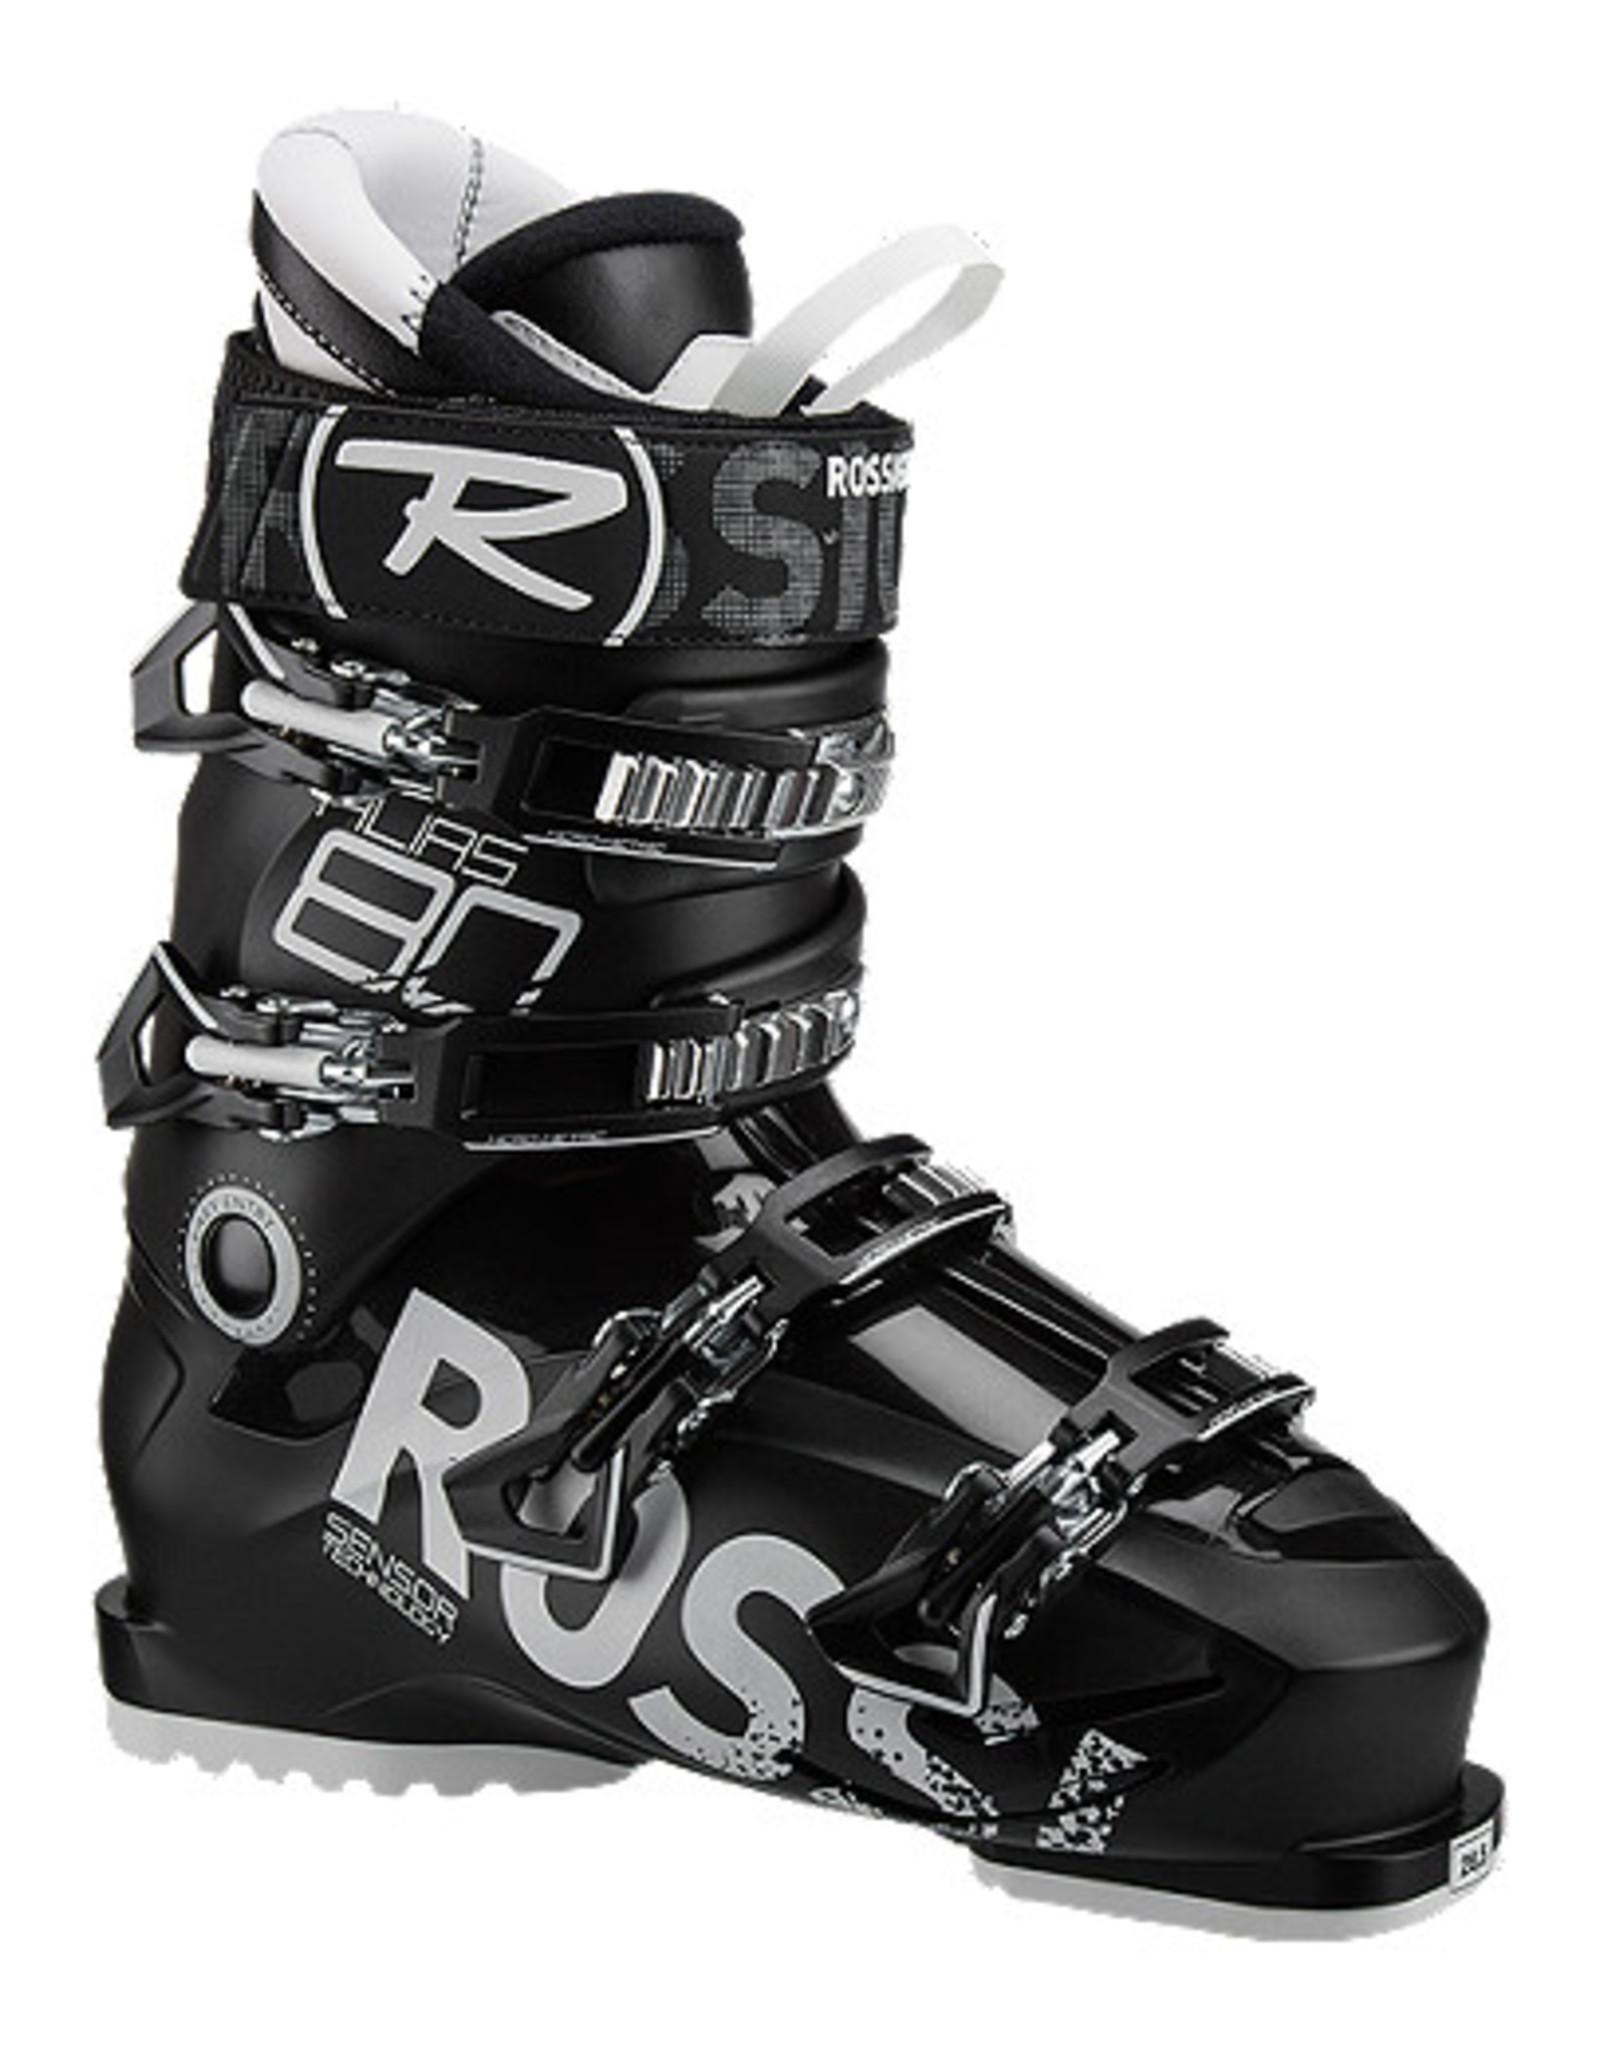 ROSSIGNOL Skischoenen ROSSIGNOL Alias 80 Gebruikt